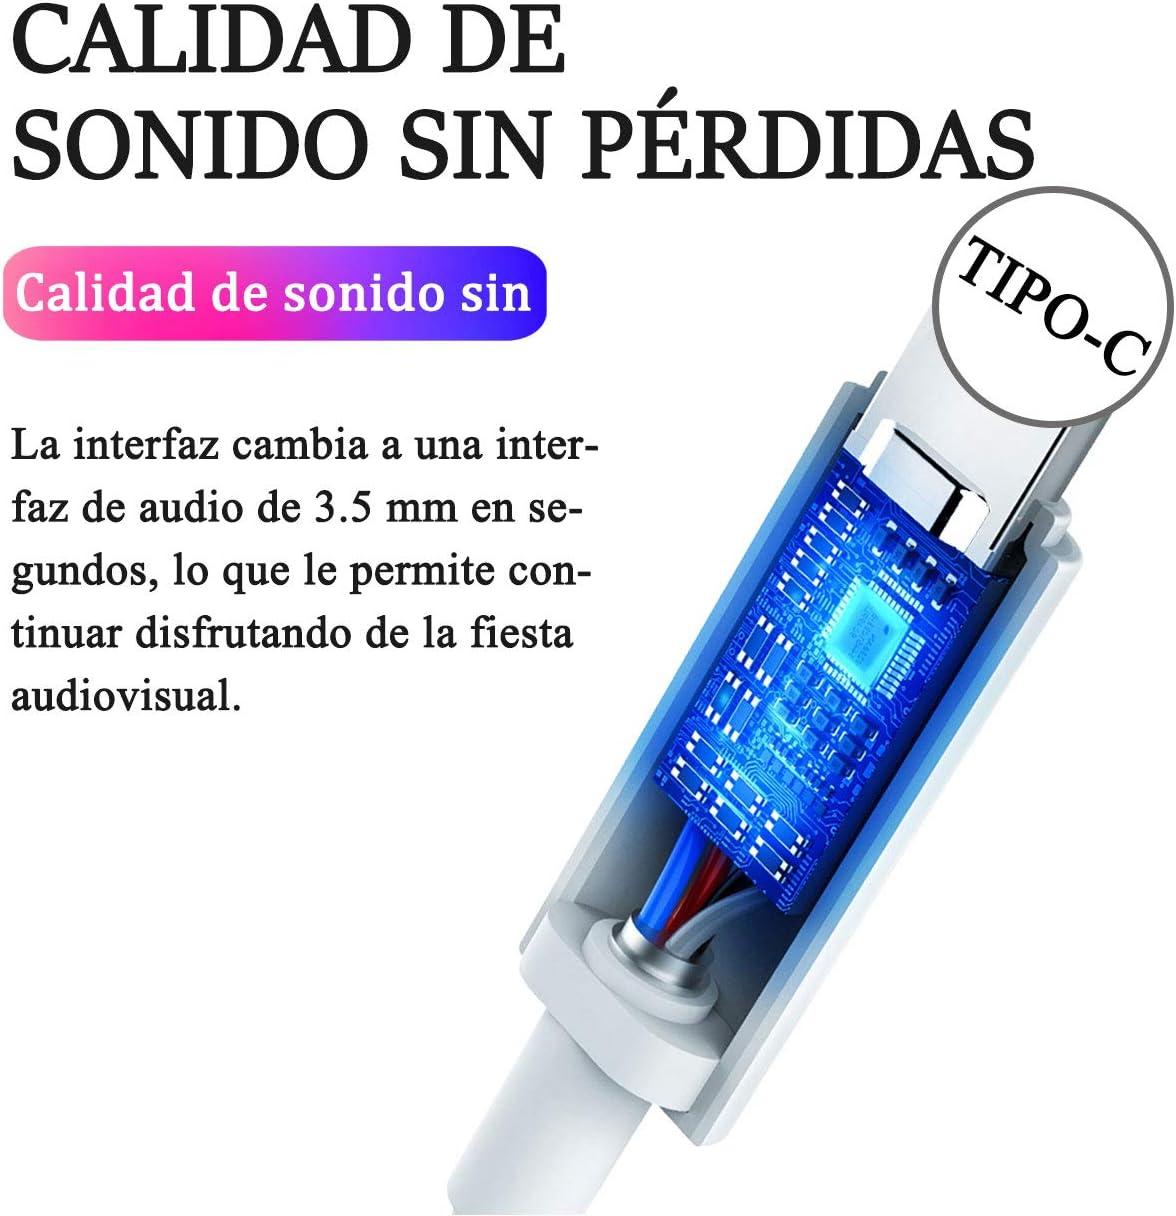 Mi 8//9 P20 Pro IMAXDR Tipo C a 3.5mm Adaptador de Auriculares Adaptador de Audio Adaptador USB C Adaptador USB Tipo C Adaptador Convertidor para OnePlus 7 Pro Huawei P20 P30 Pro